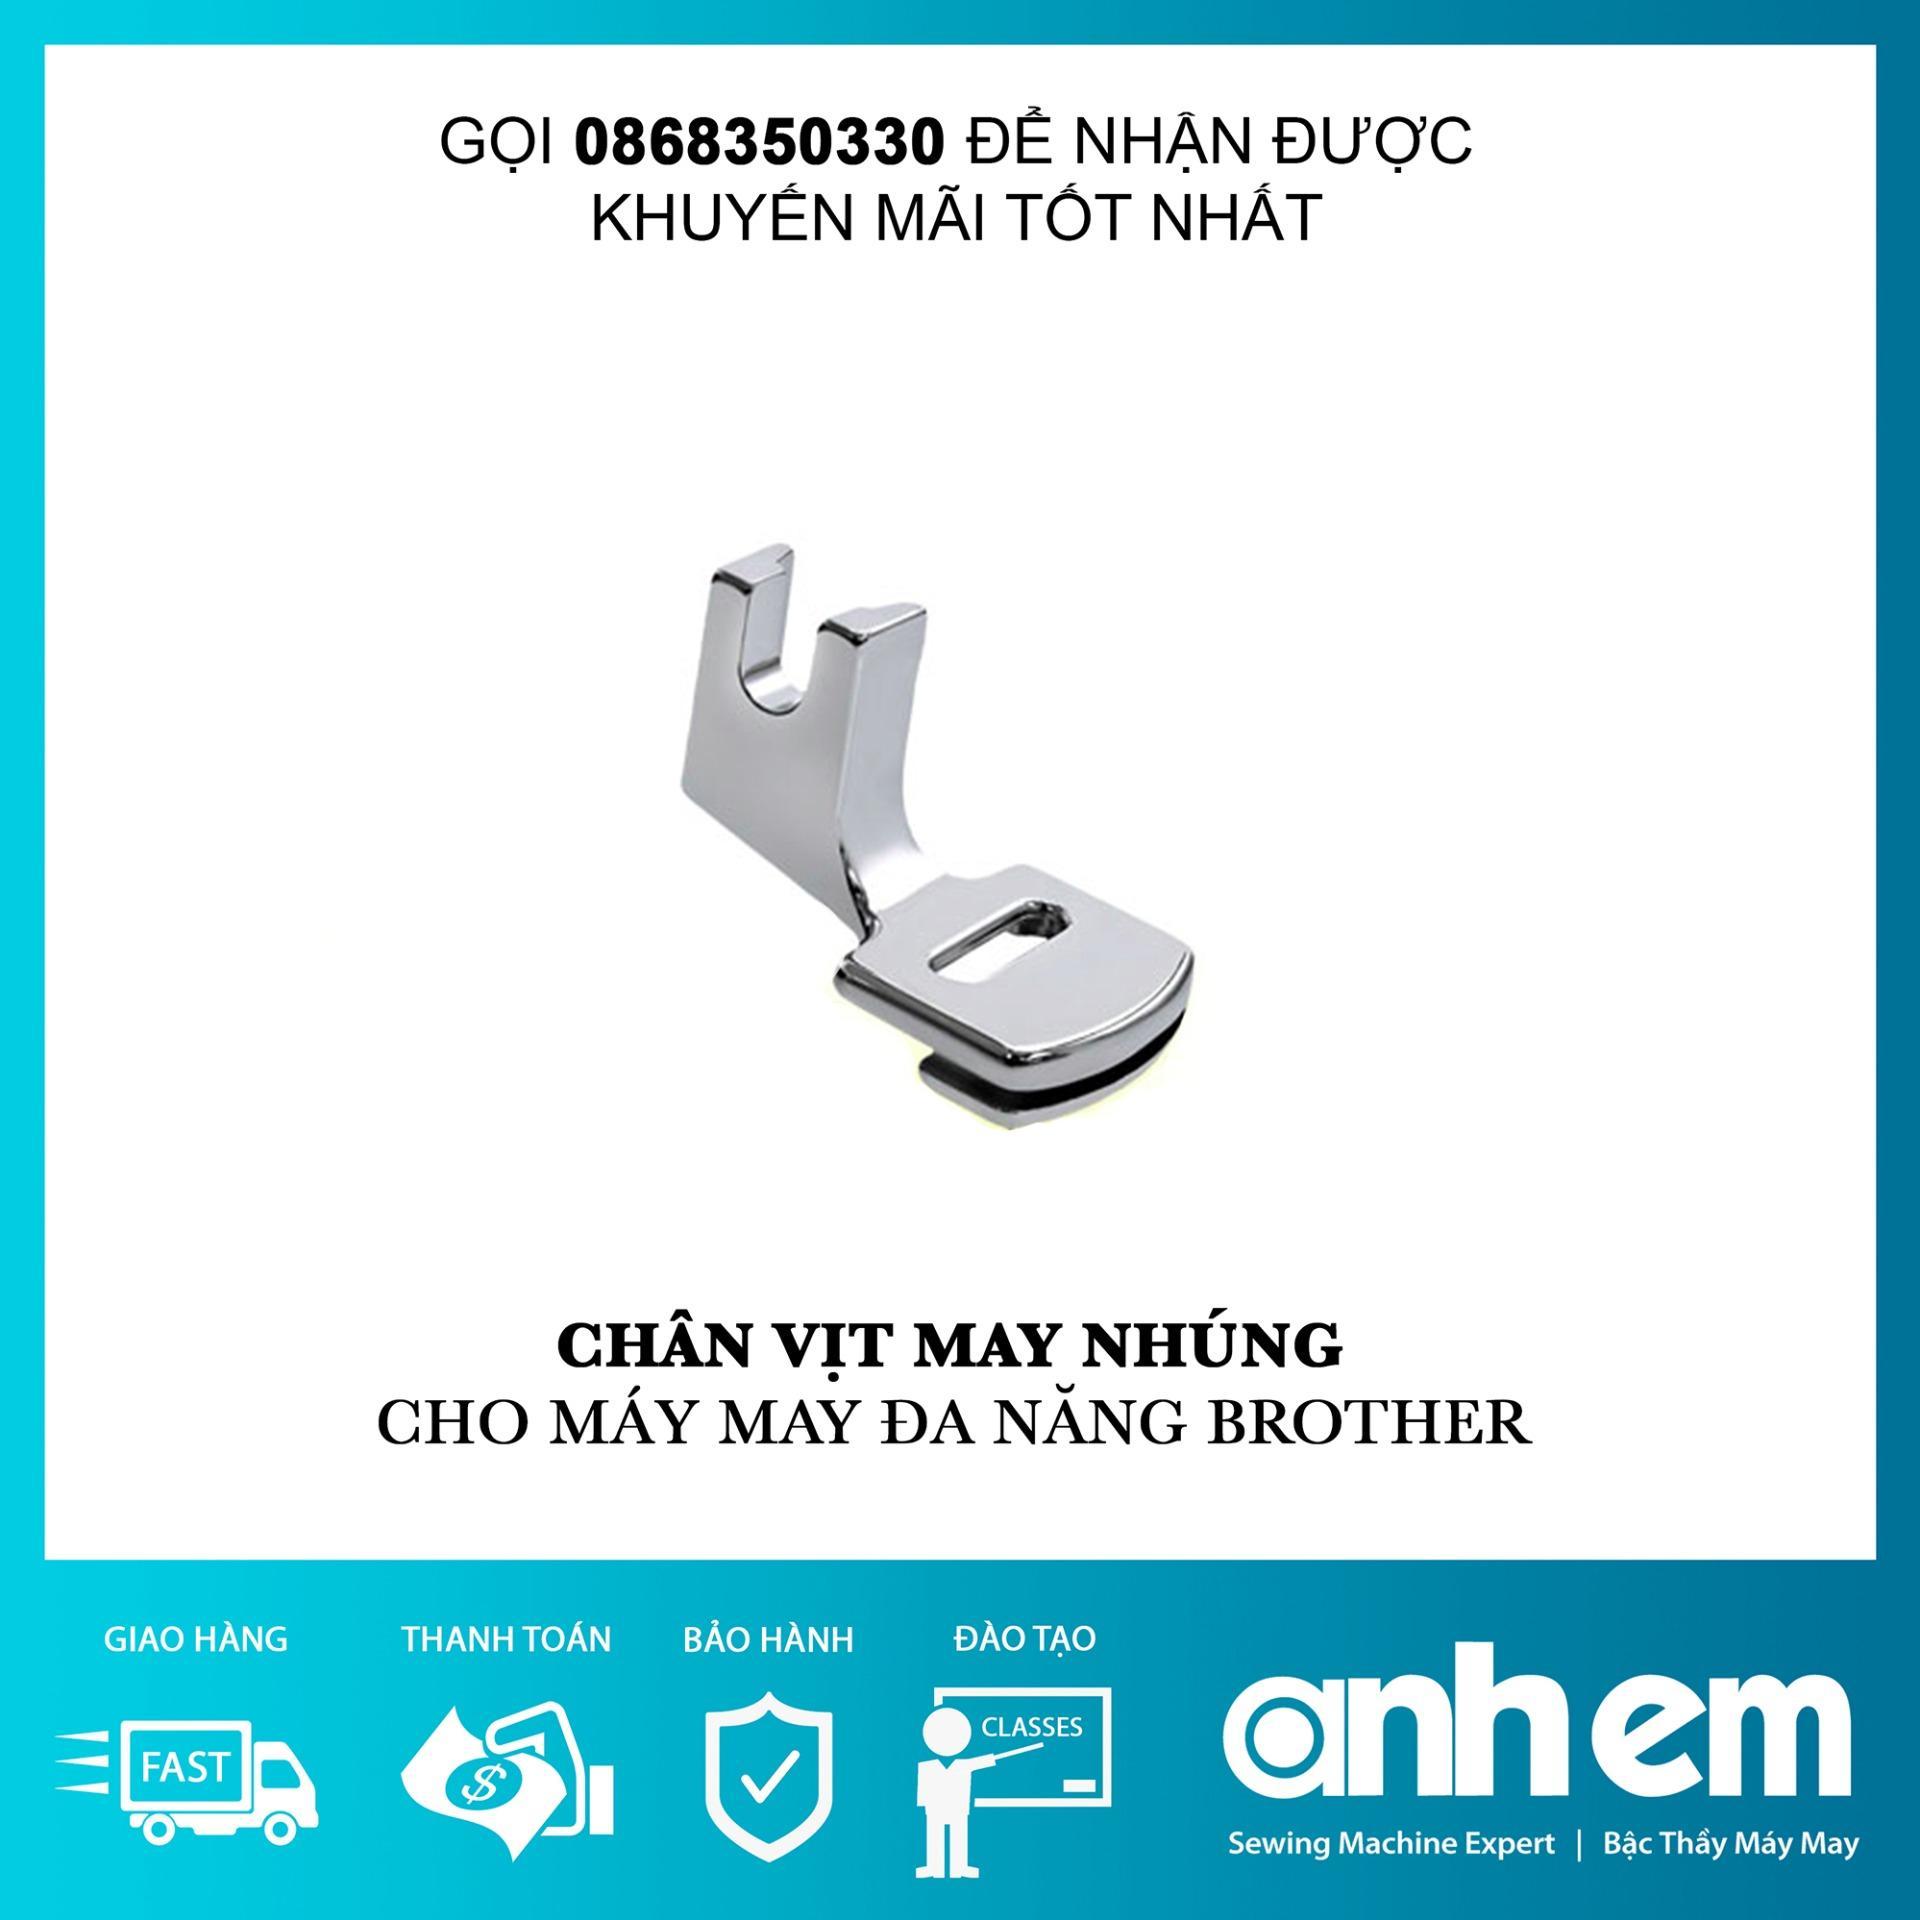 Chân Vịt May Nhúng F012N - Máy May Đa Năng Brother